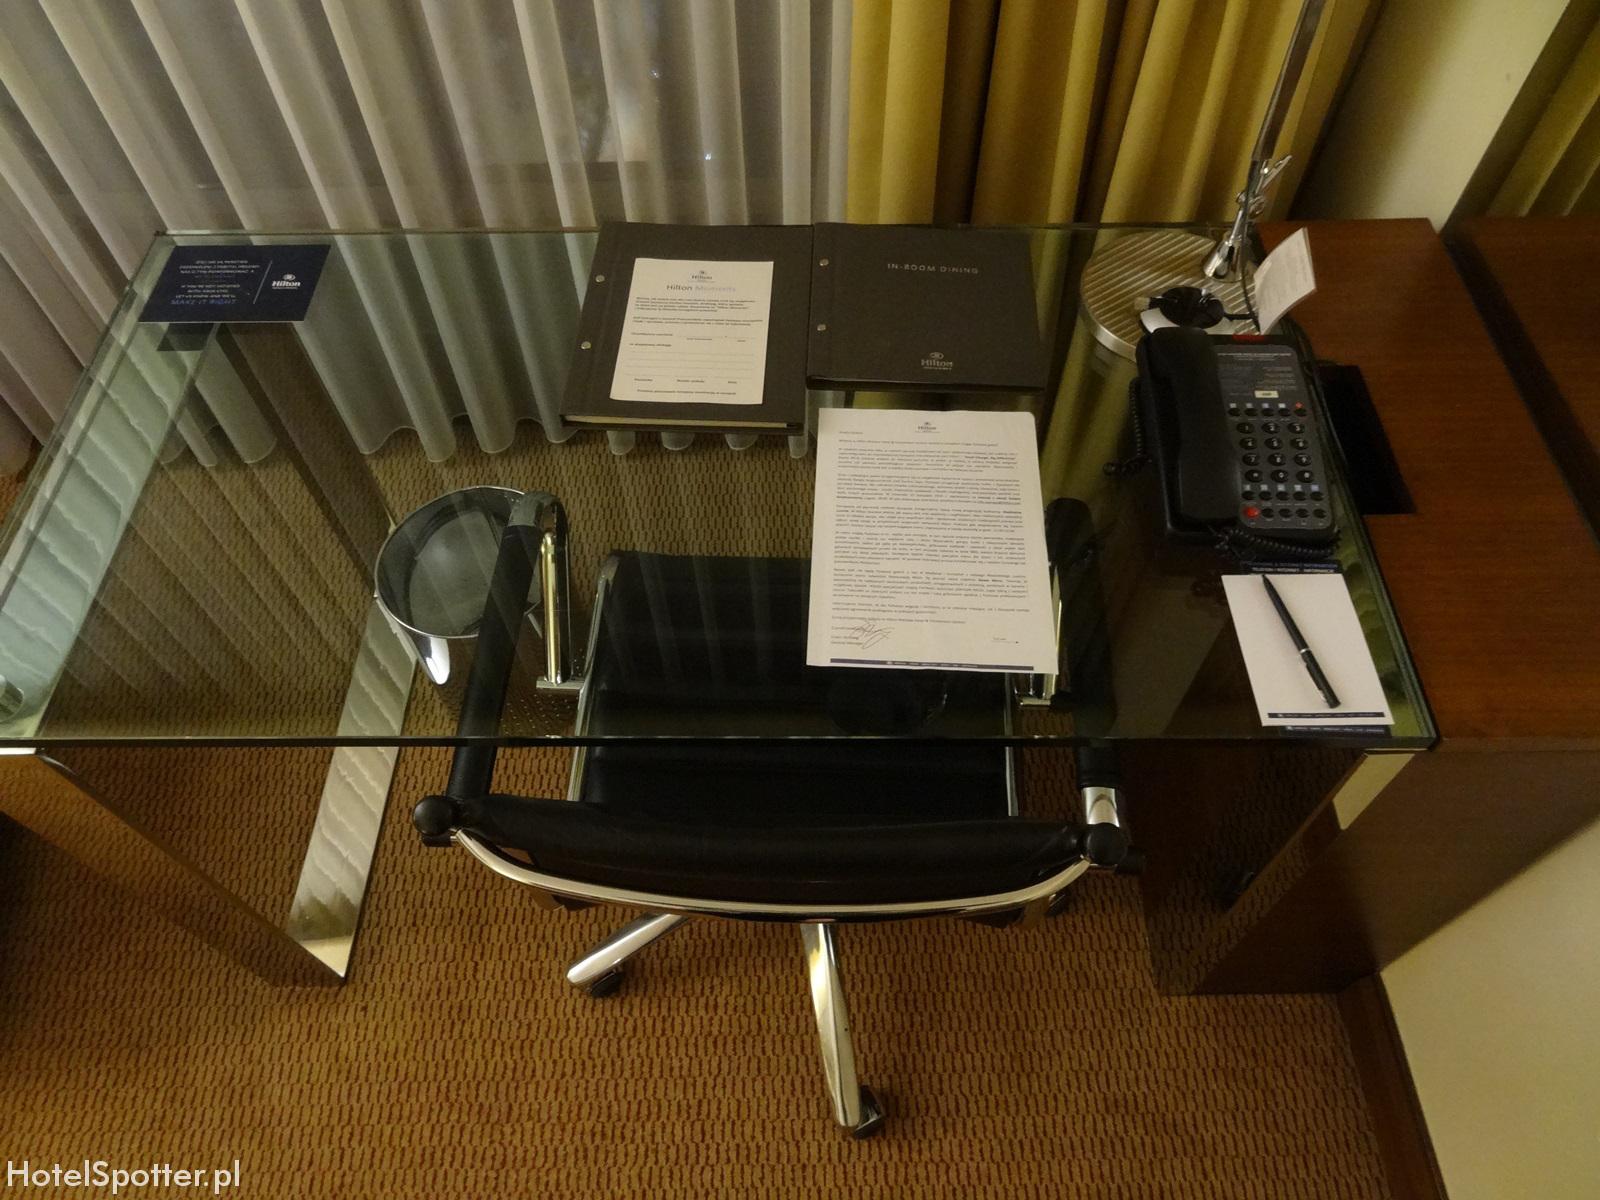 Hilton Warsaw Hotel - przezroczyste biurko